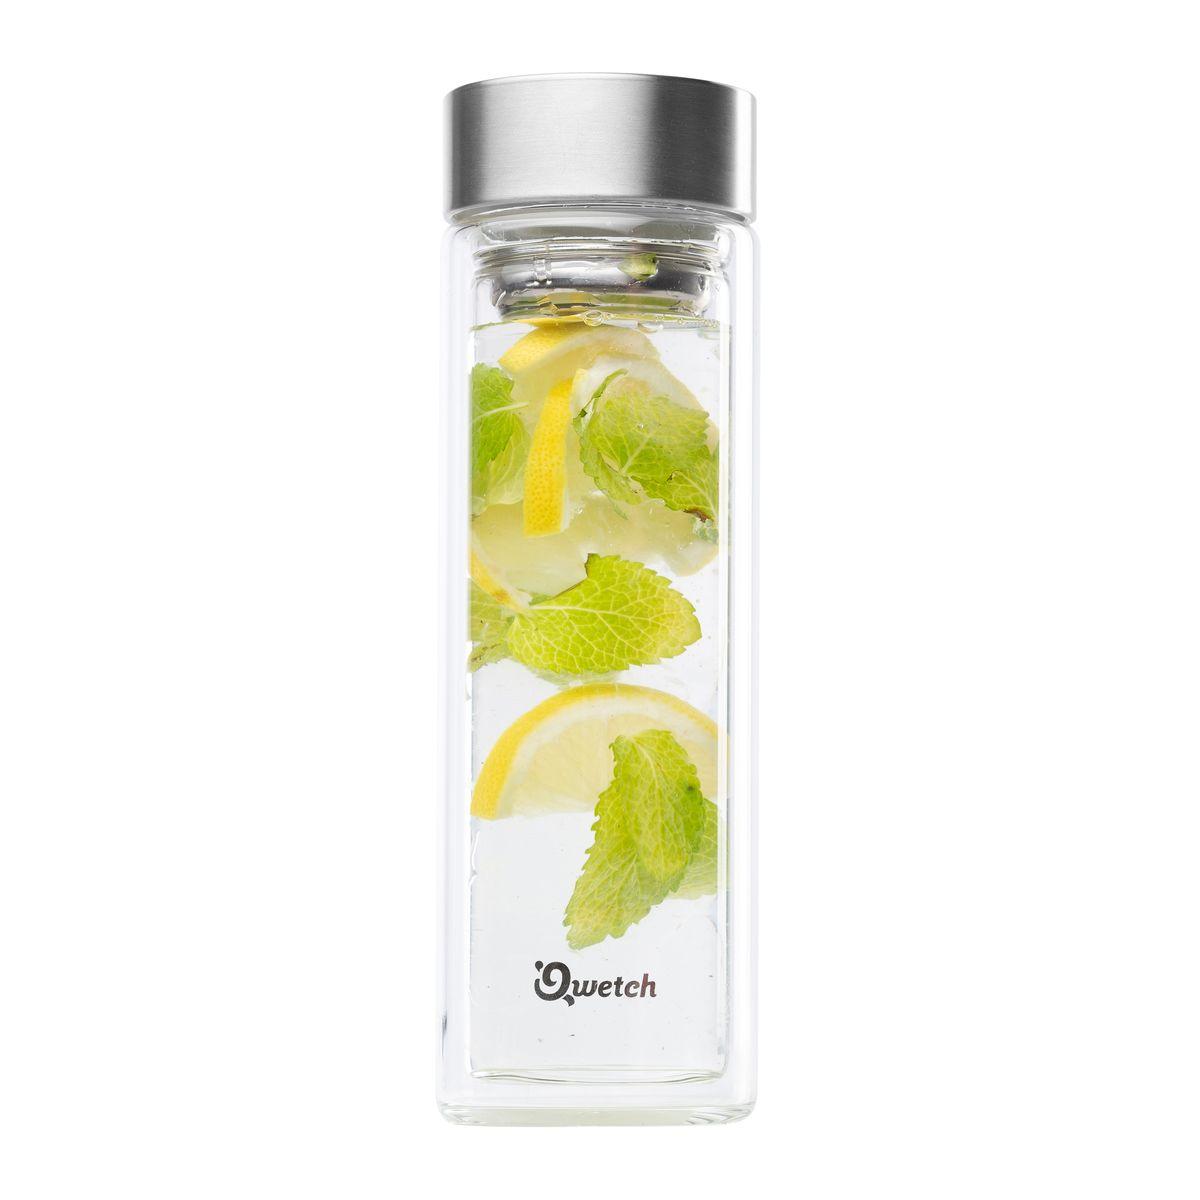 Théière verre double paroi inox brossé 430ml - Qwetch